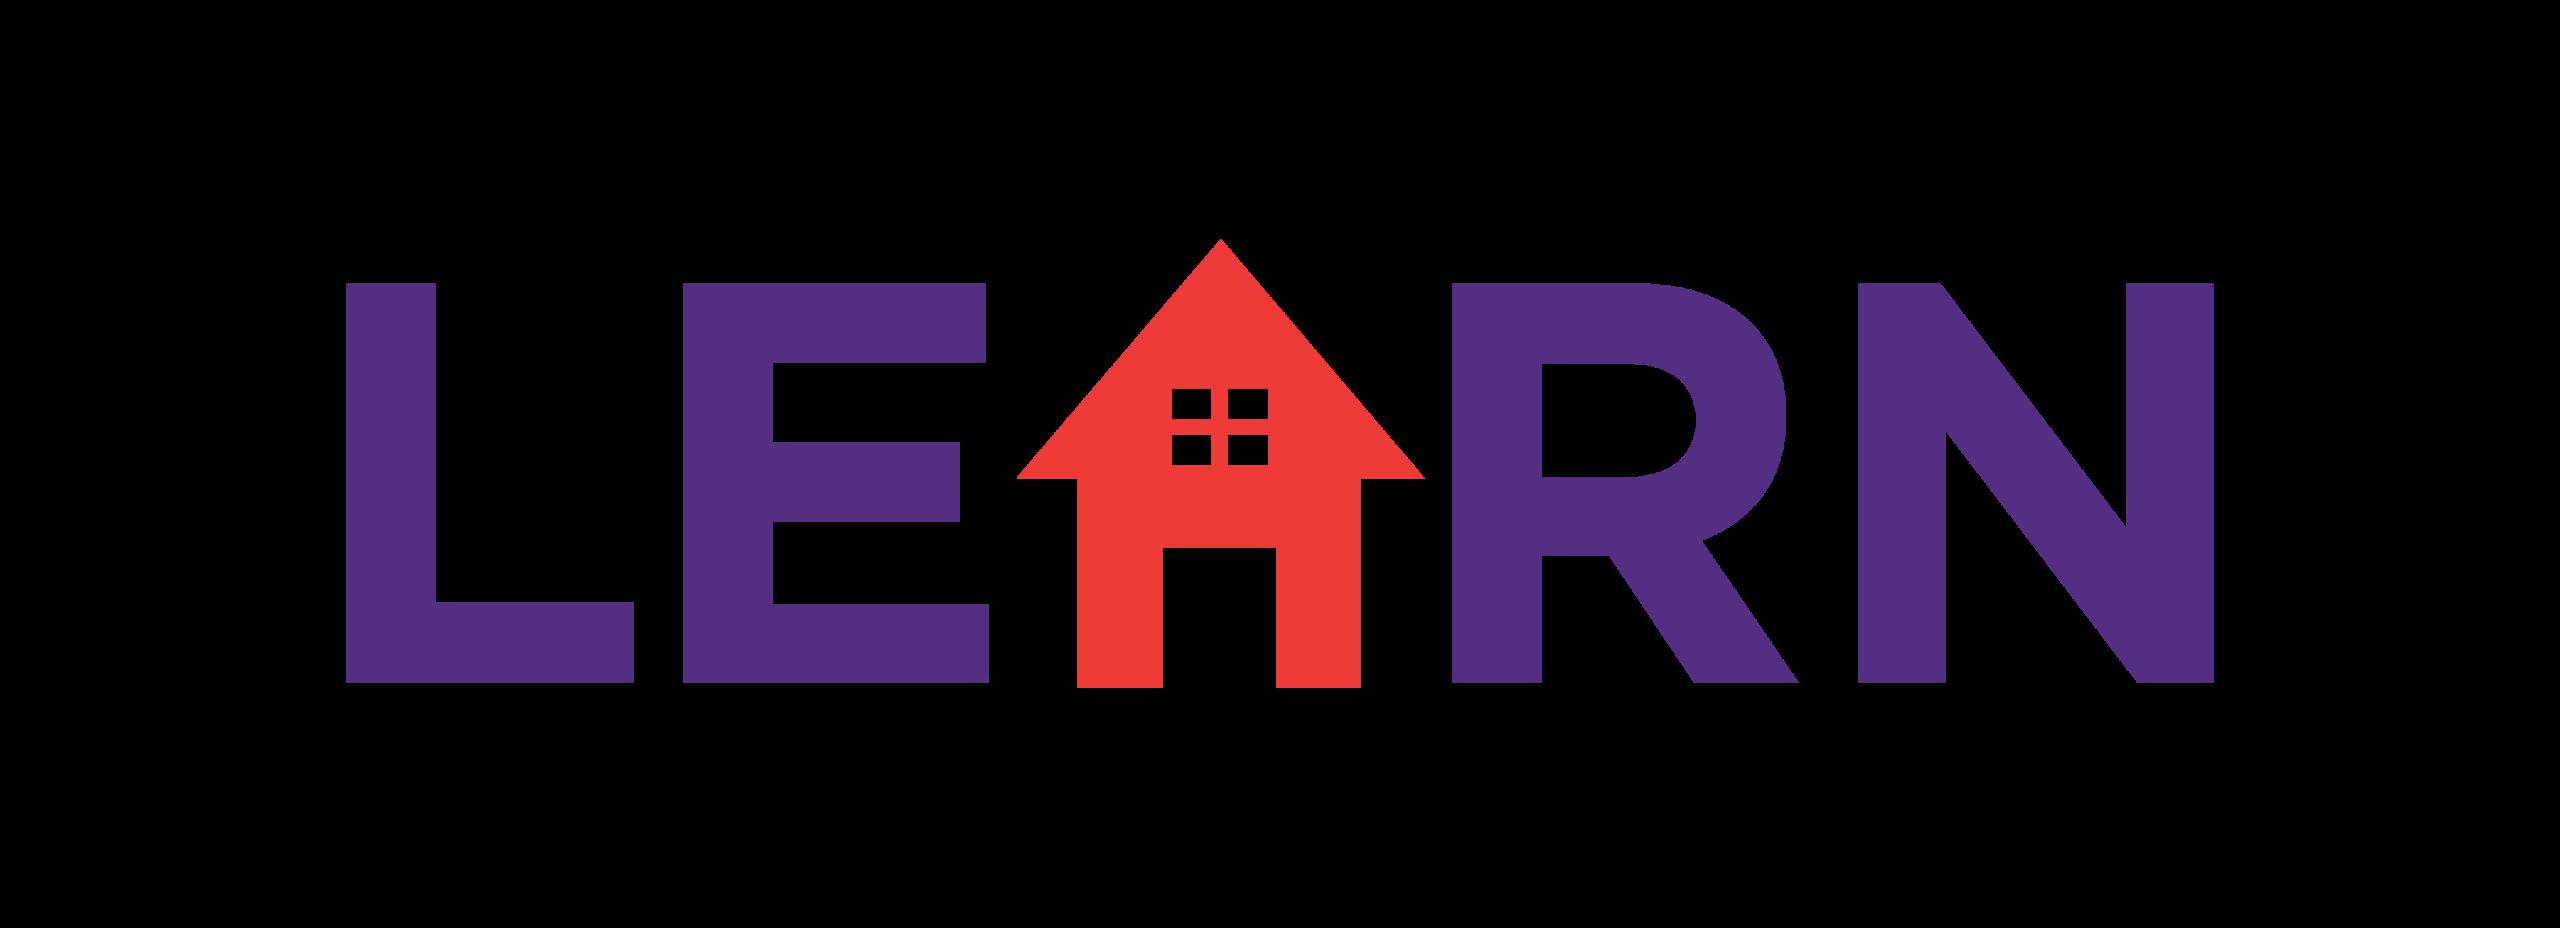 LEARN Charter School Network logo